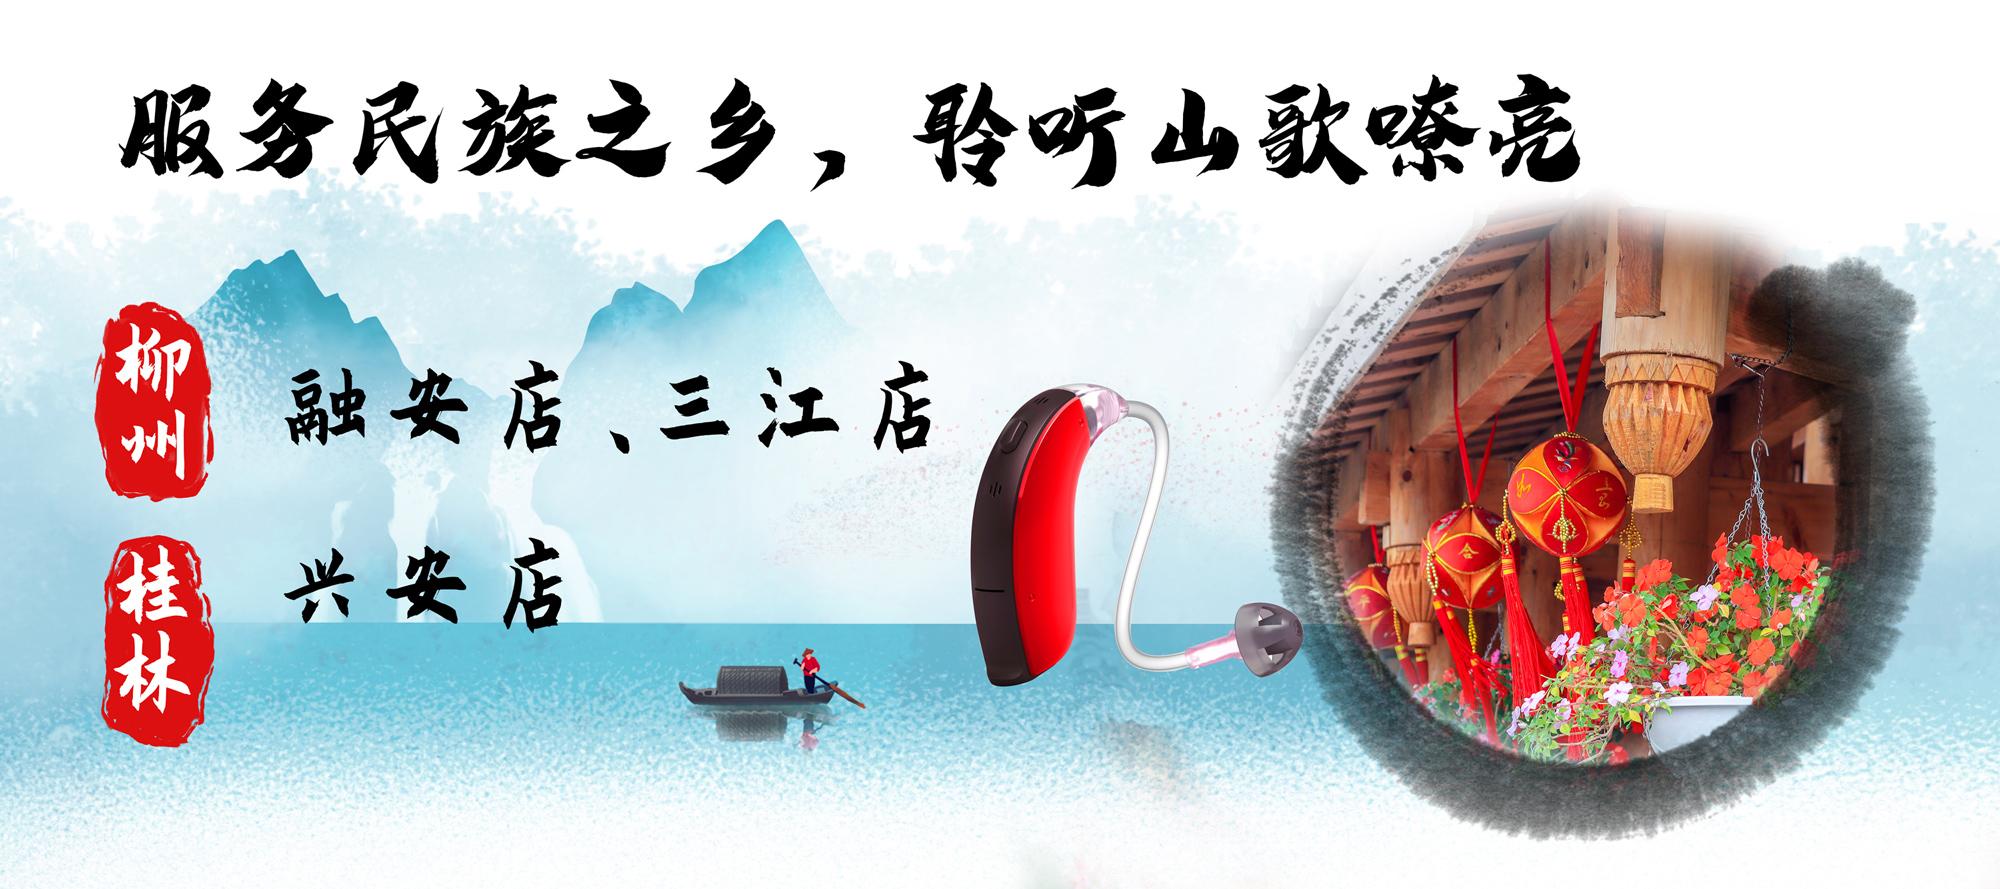 中国风山水6.jpg